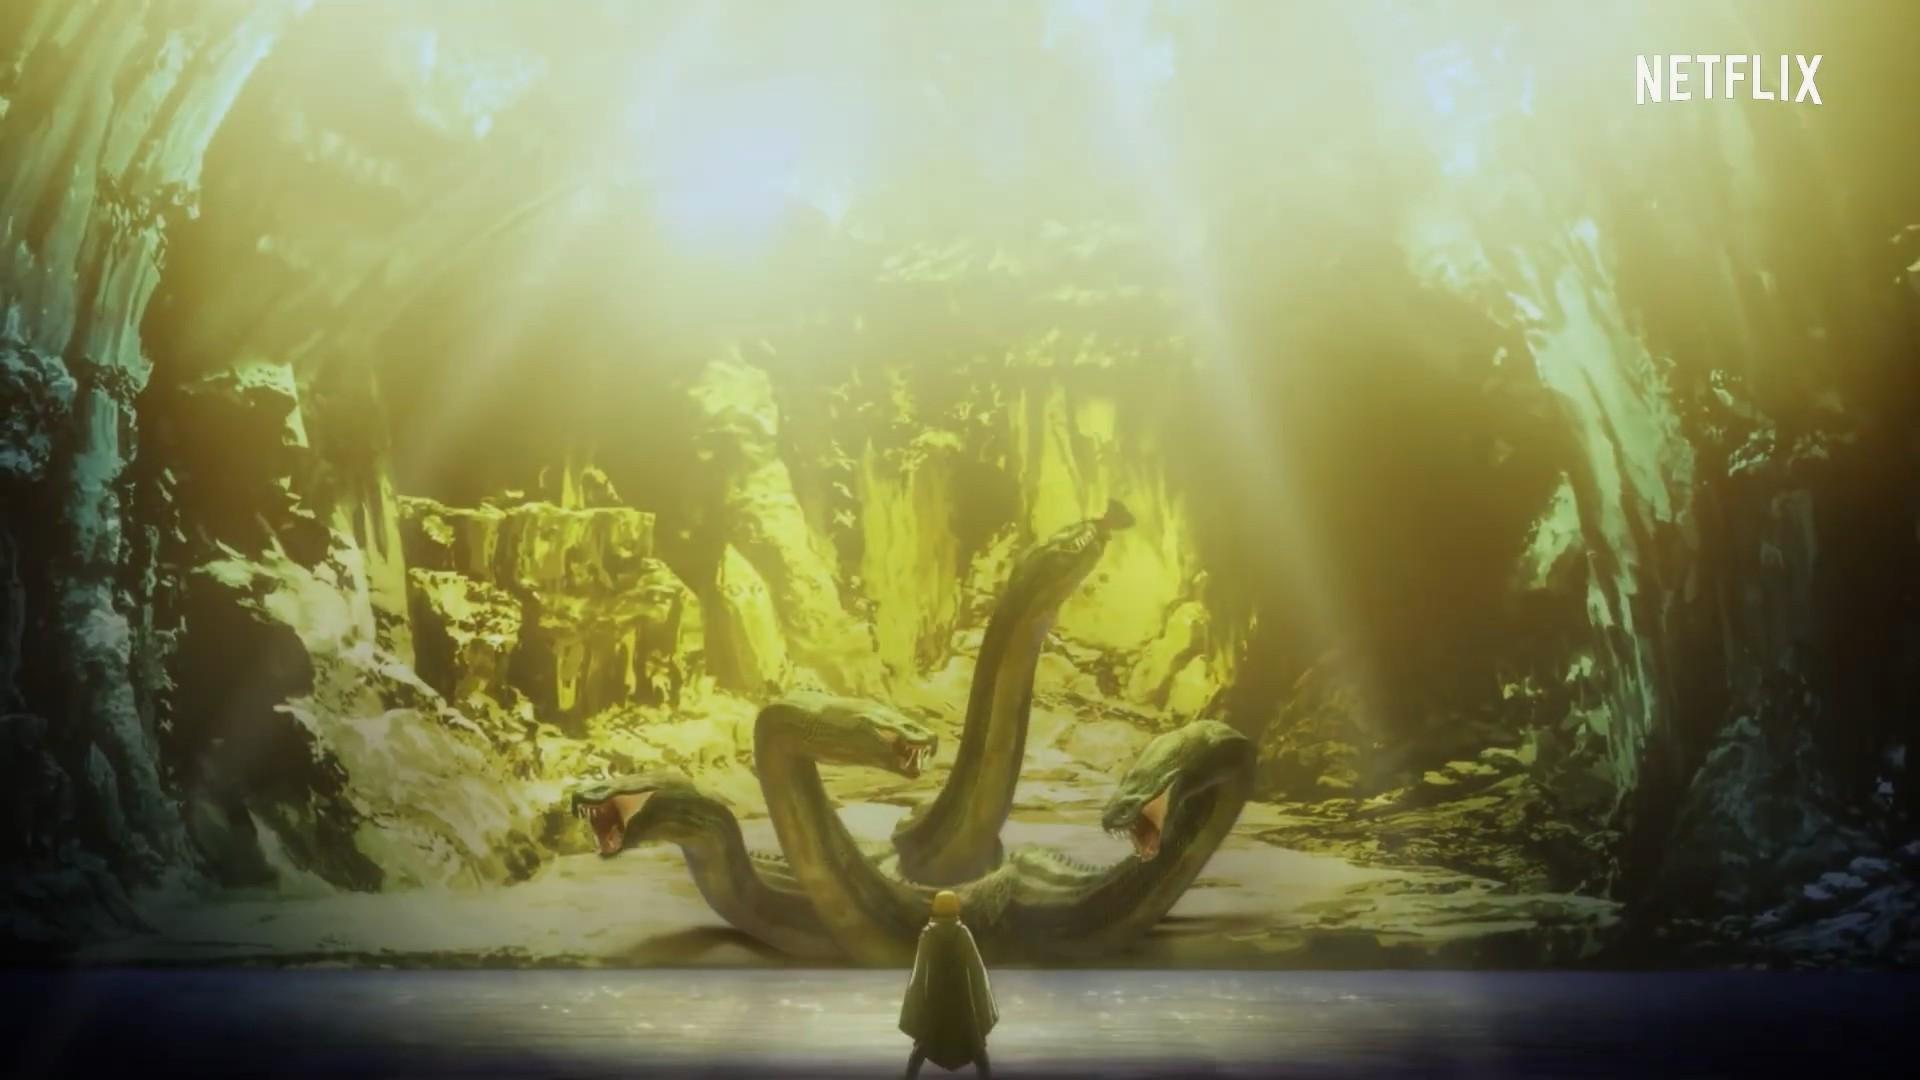 网飞动画《龙之信条》正式预告和新宣传图公开,9月17日开播-